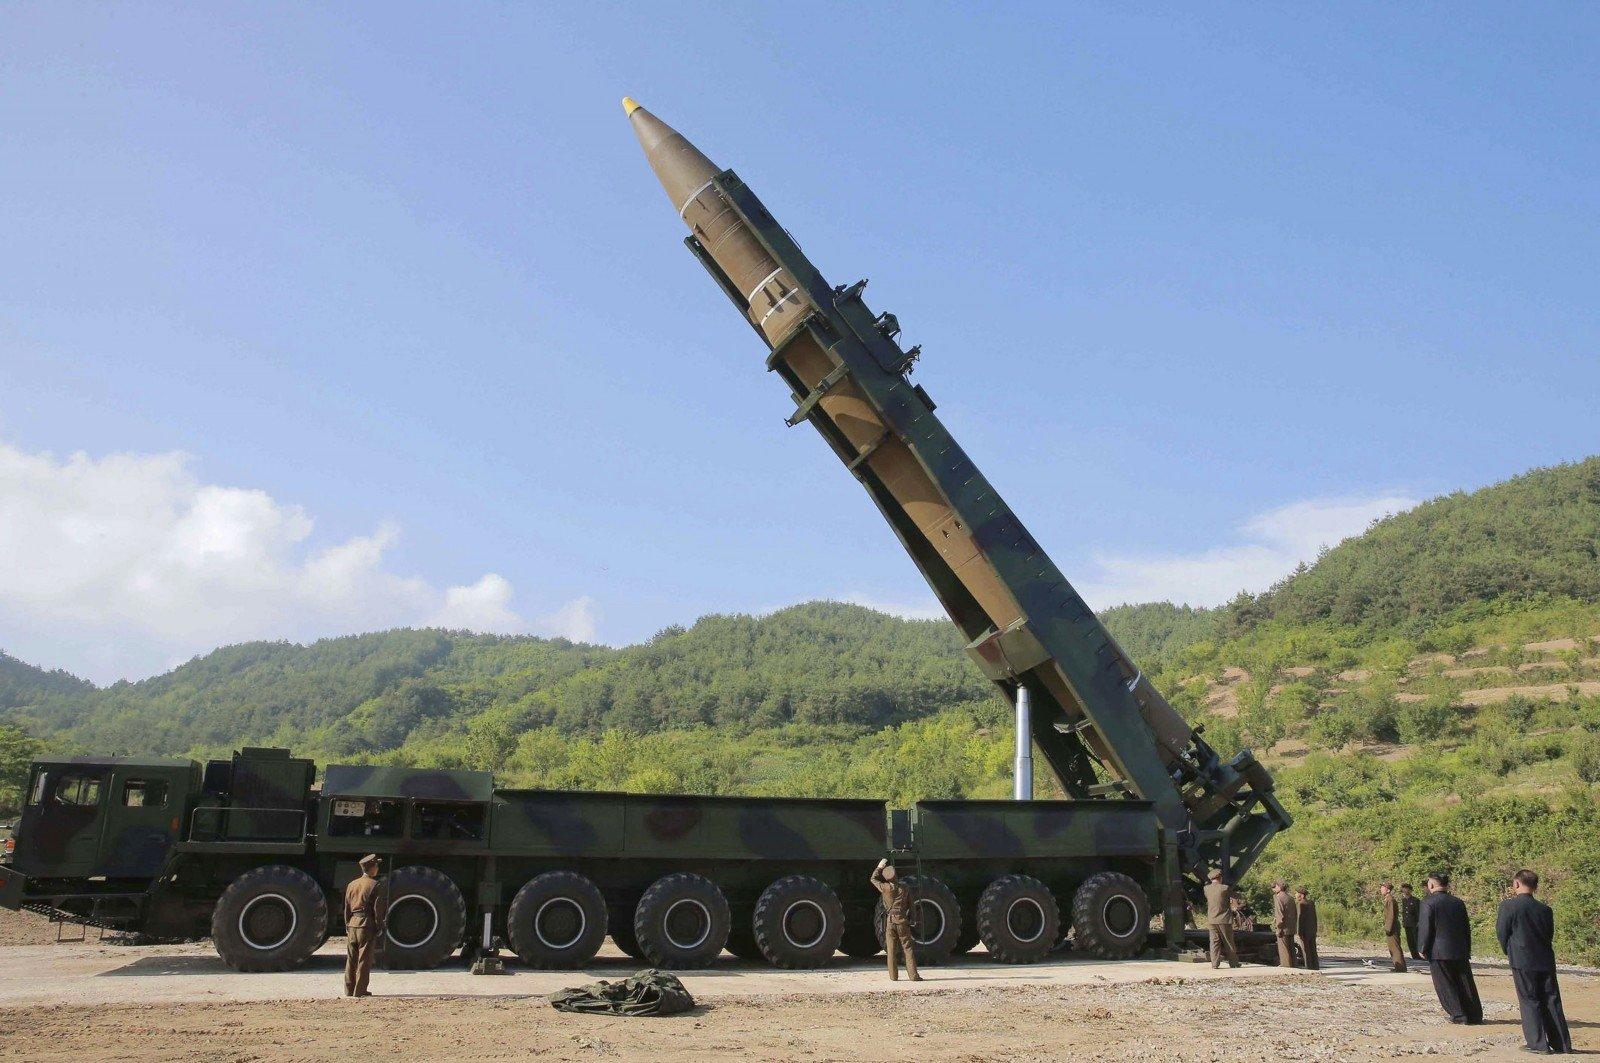 Глава ЦРУ прямой угрозы ядерной войны с КНДР пока нет